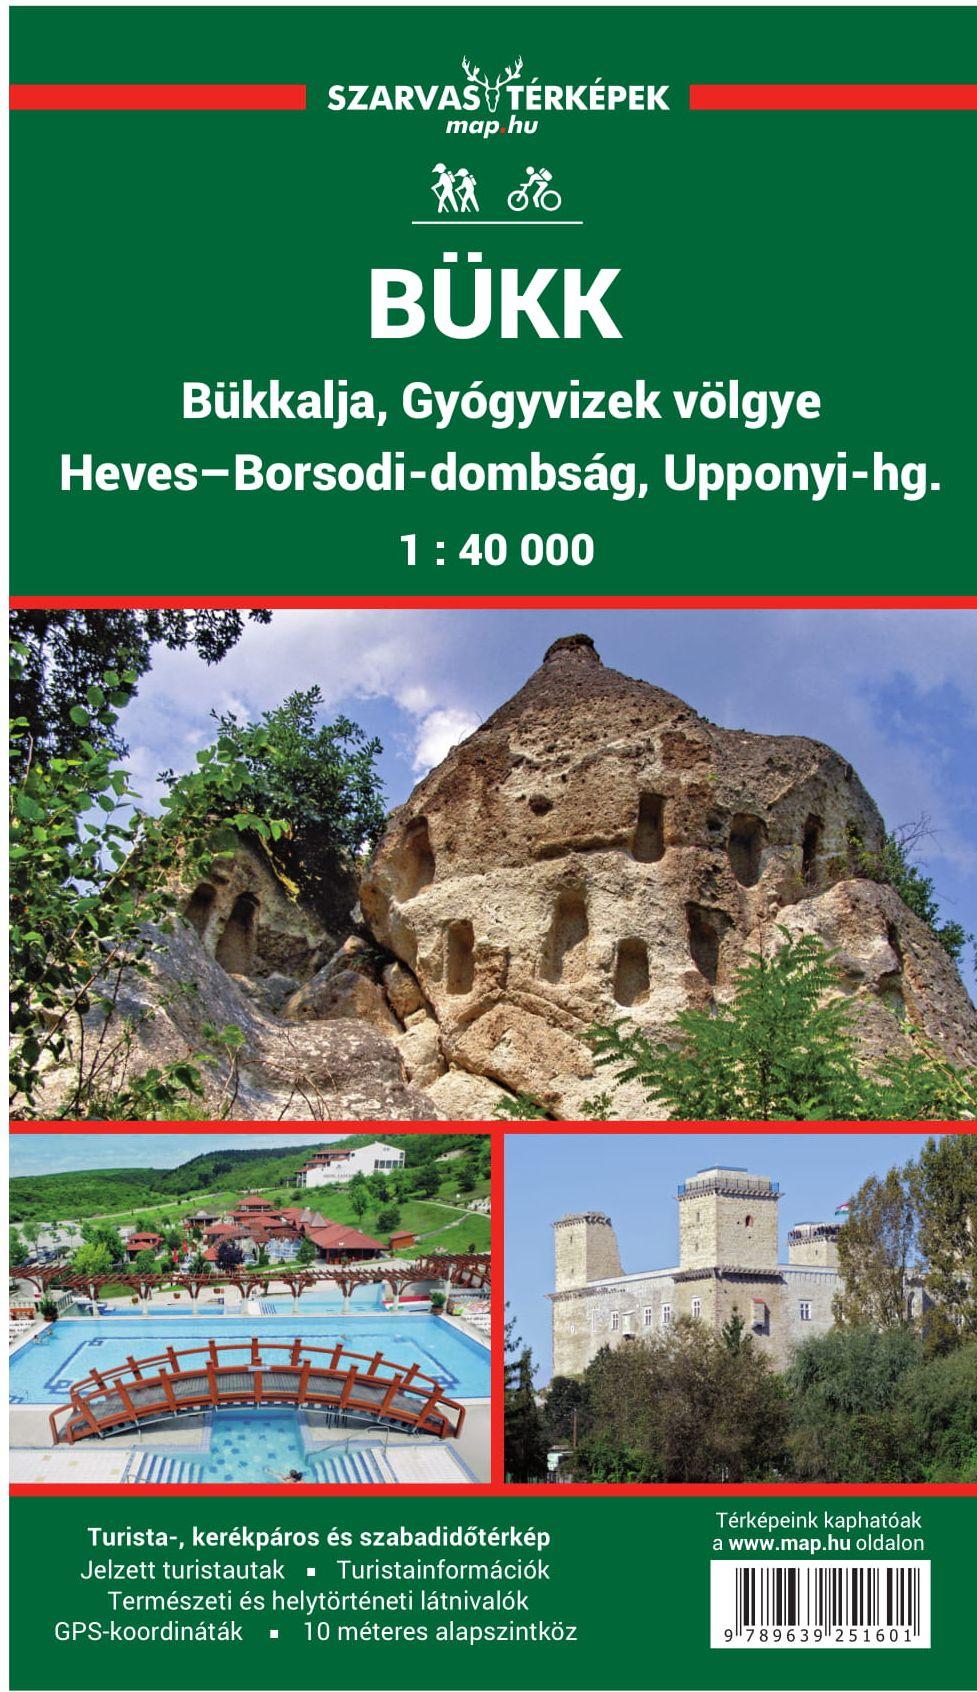 Bükk, Bukkalja, Heves-Borsodi-dombság, Upponyi-hegység, Gyógyvizek-völgye turista-, biciklis térkép Minden, ami Bükk: http://bukk.lap.hu/